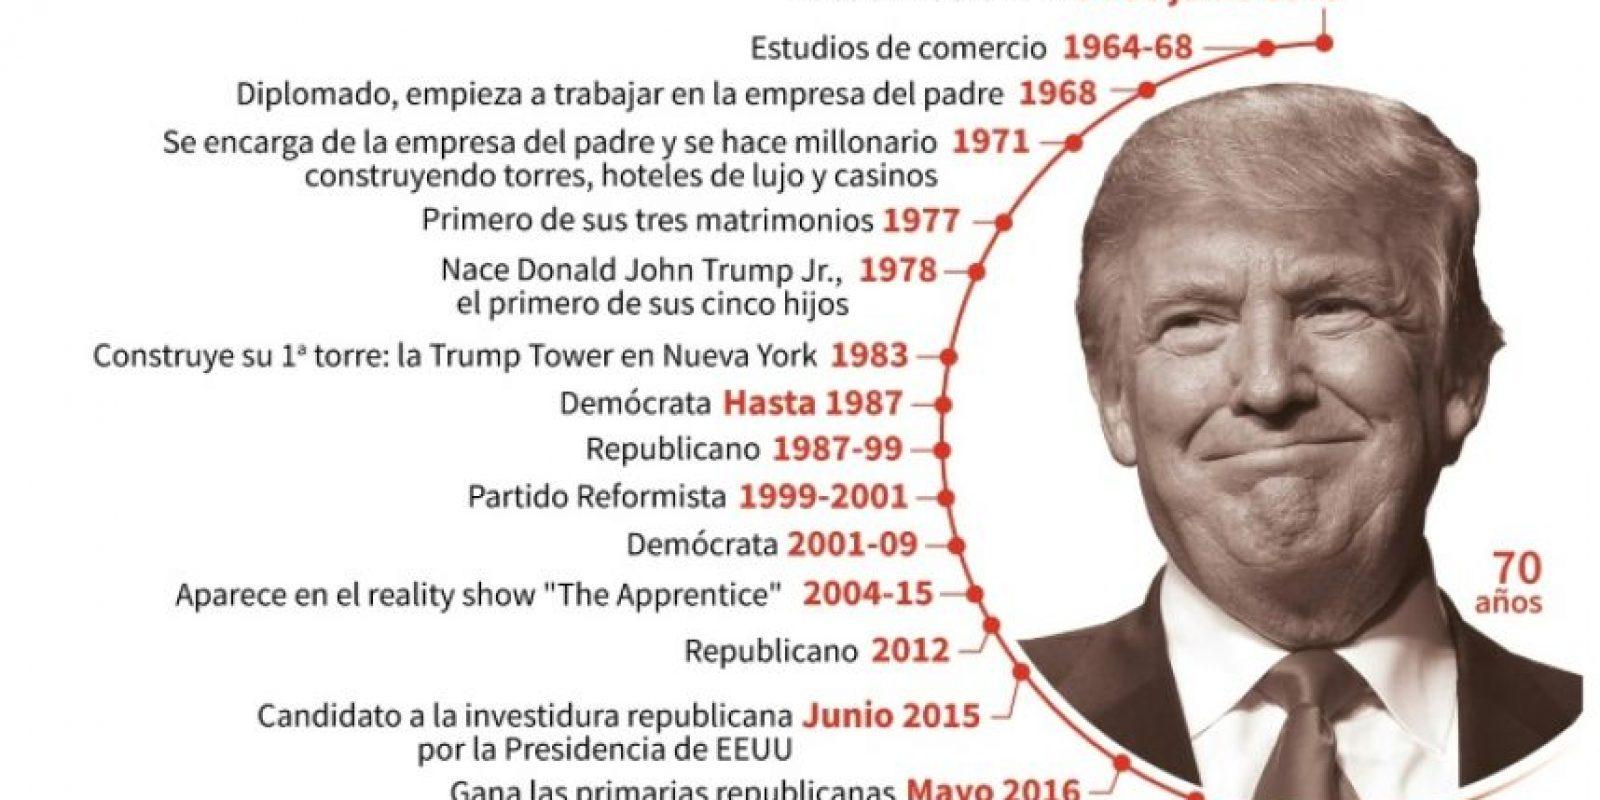 Principales fechas en la vida de Donald Trump, elegido presidente de Estados Unidos Foto:Laurence SAUBADU, Simon MALFATTO/afp.com